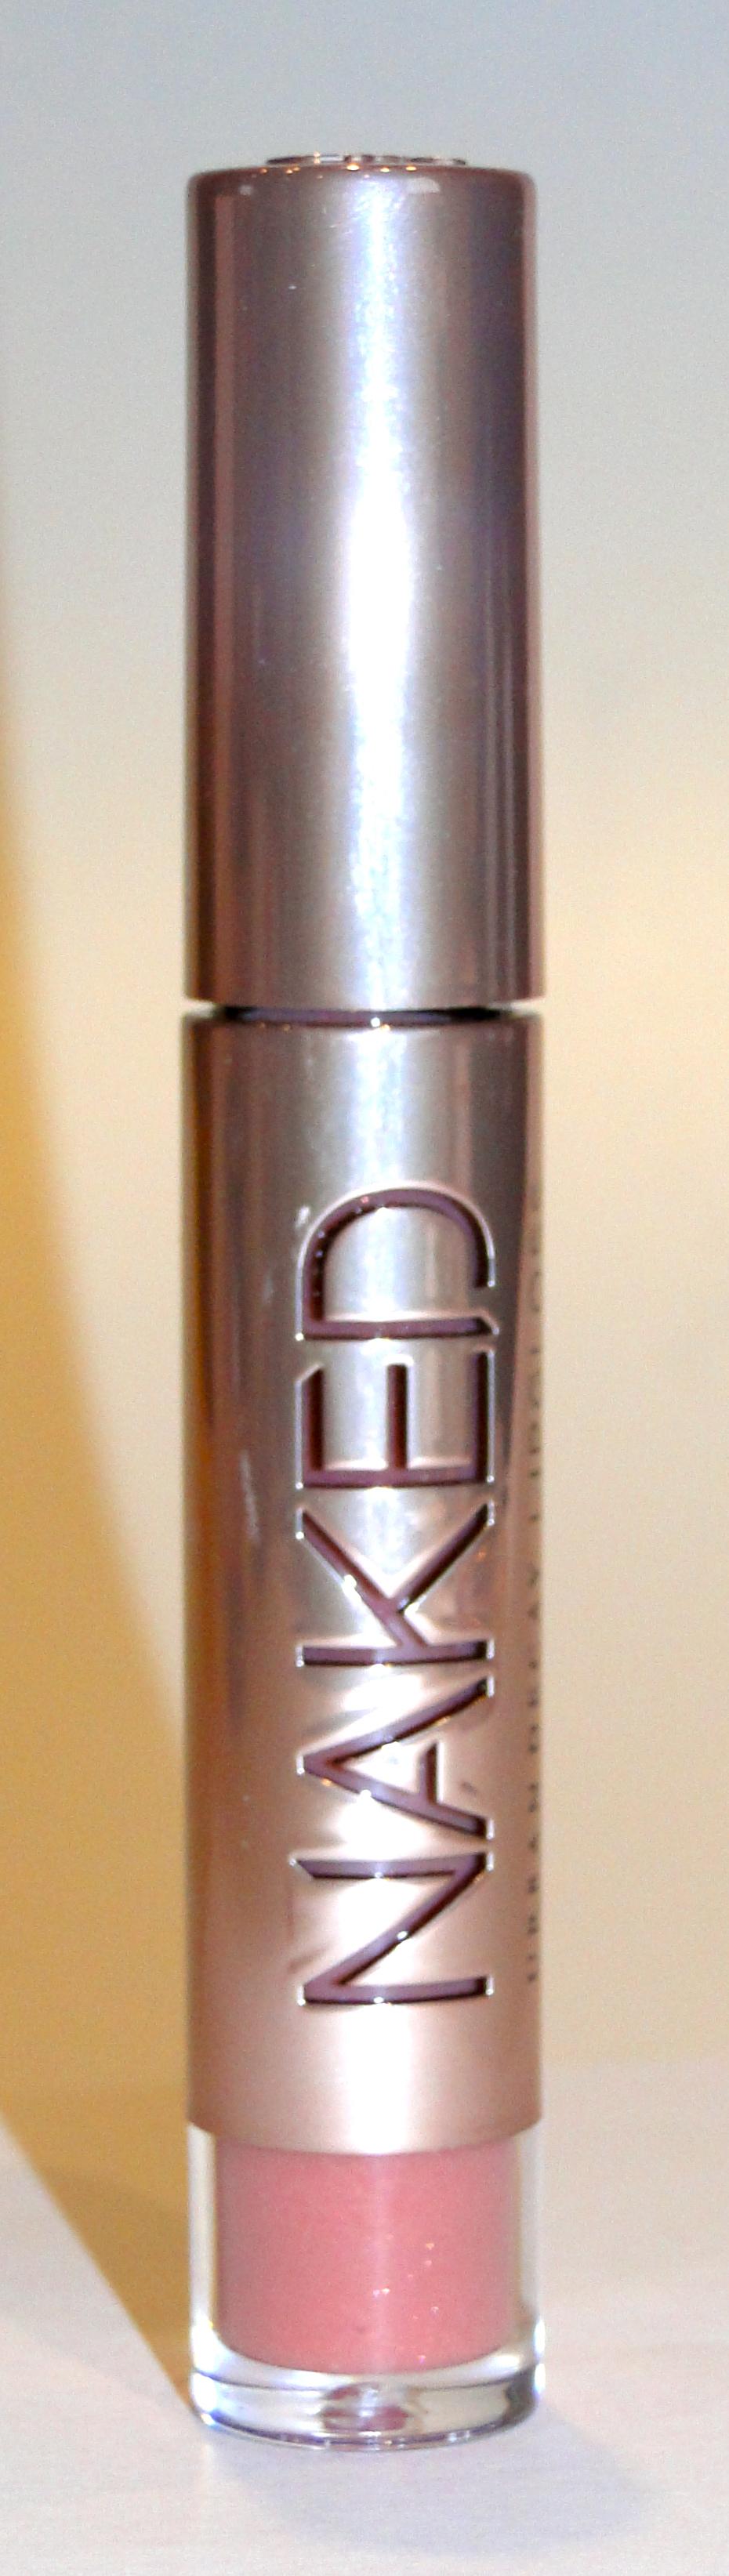 DSC05258